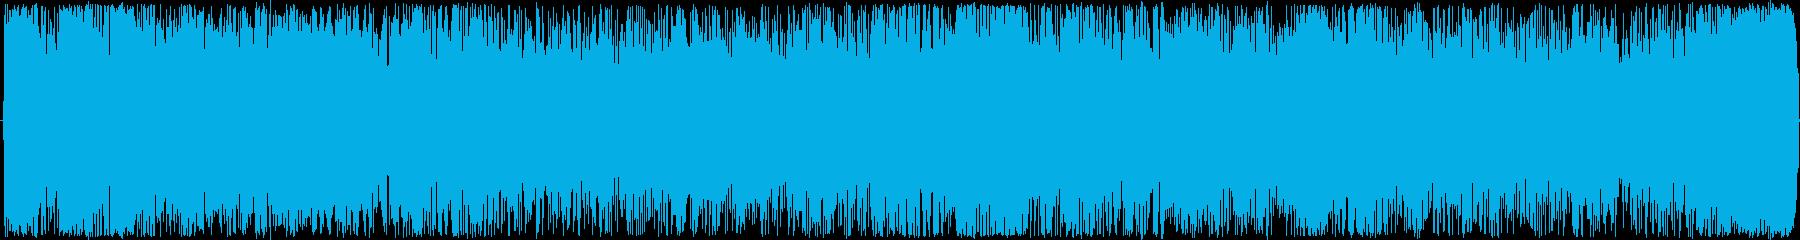 リズミカルながらクールなイメージのBG…の再生済みの波形